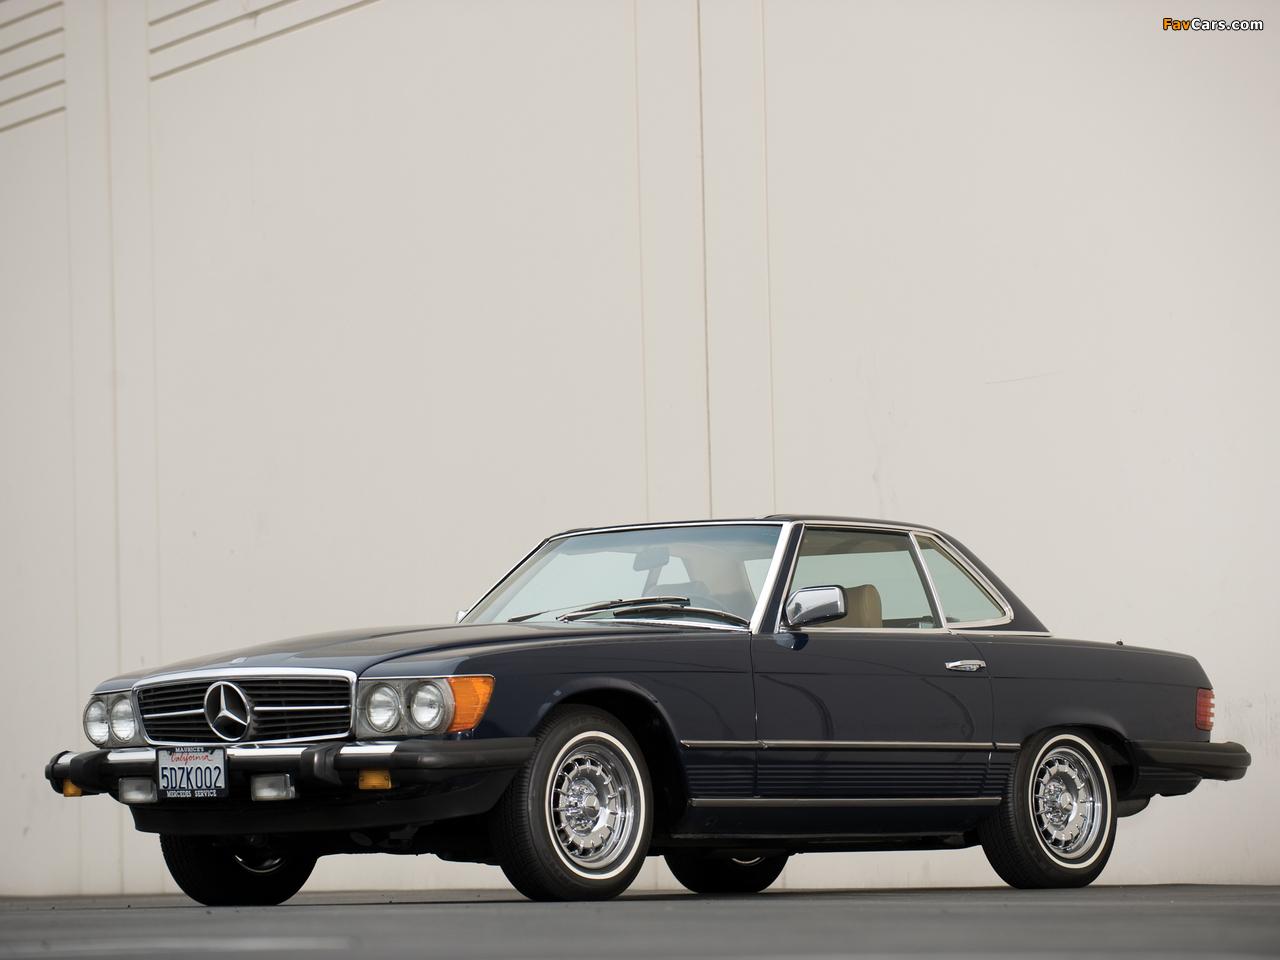 Mercedes benz 380 sl us spec r107 1980 85 photos 1280x960 for 85 mercedes benz